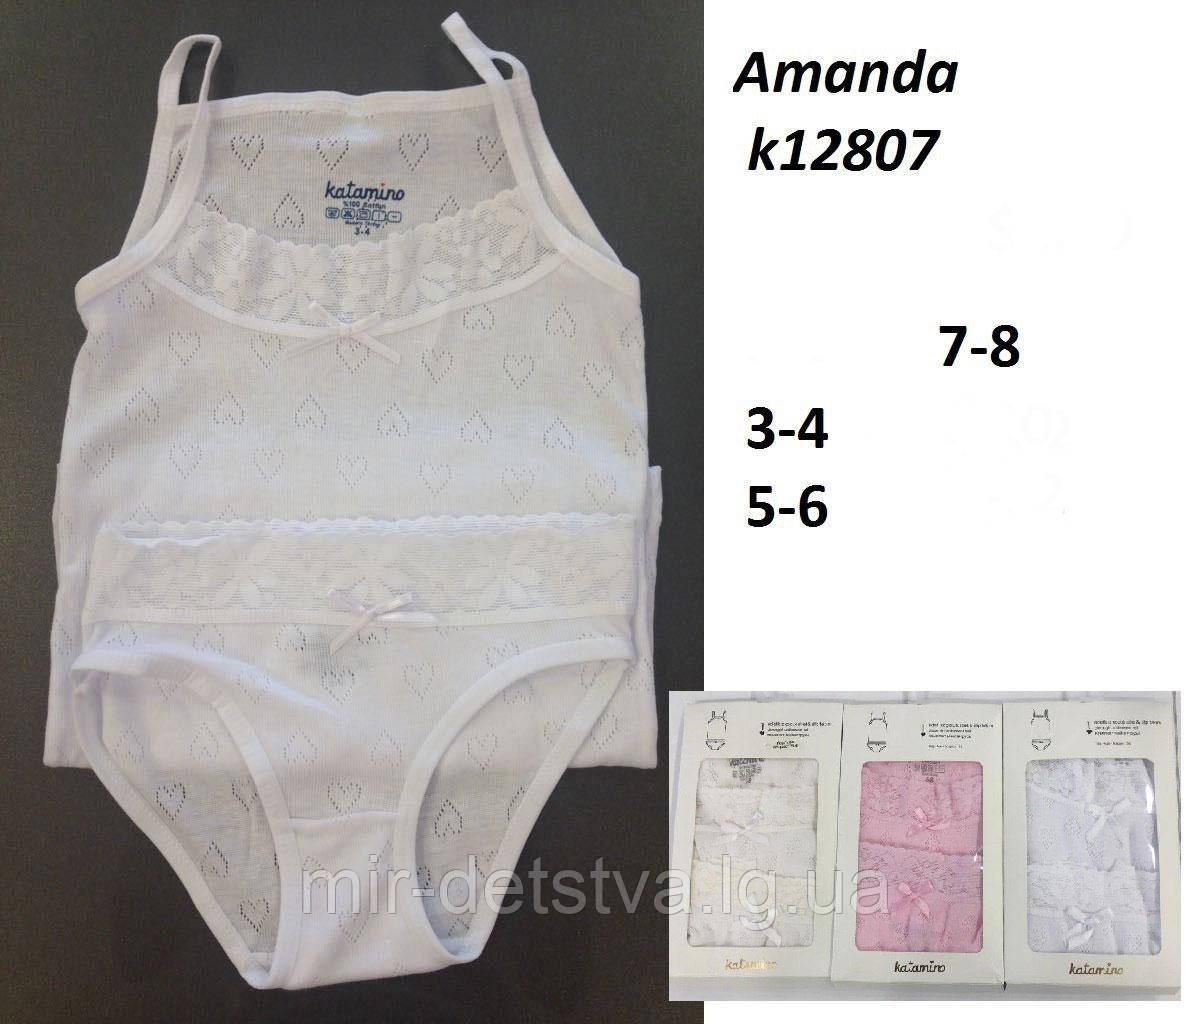 Комплект (майка+трусики) для девочки TM Katamino оптом, Турция р.5-6 лет (110-116 см) ост. 1 шт